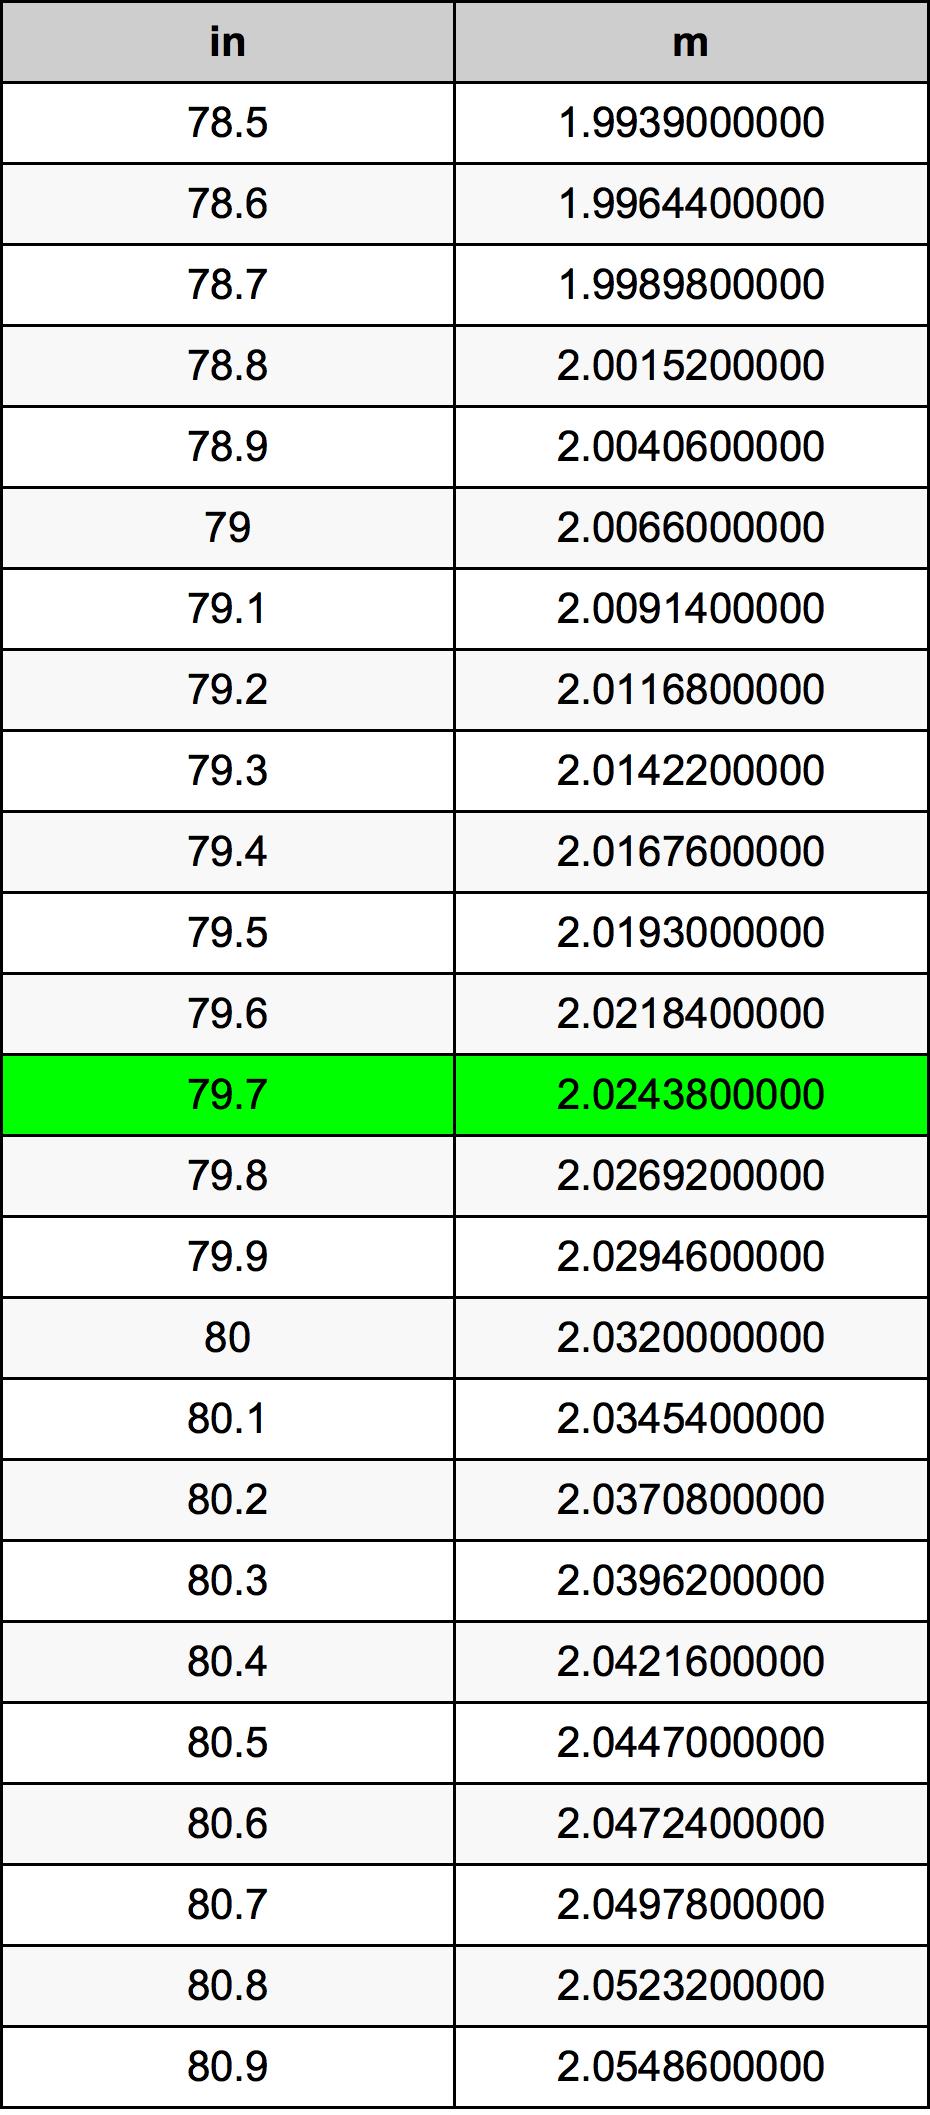 79.7 инч Таблица за преобразуване